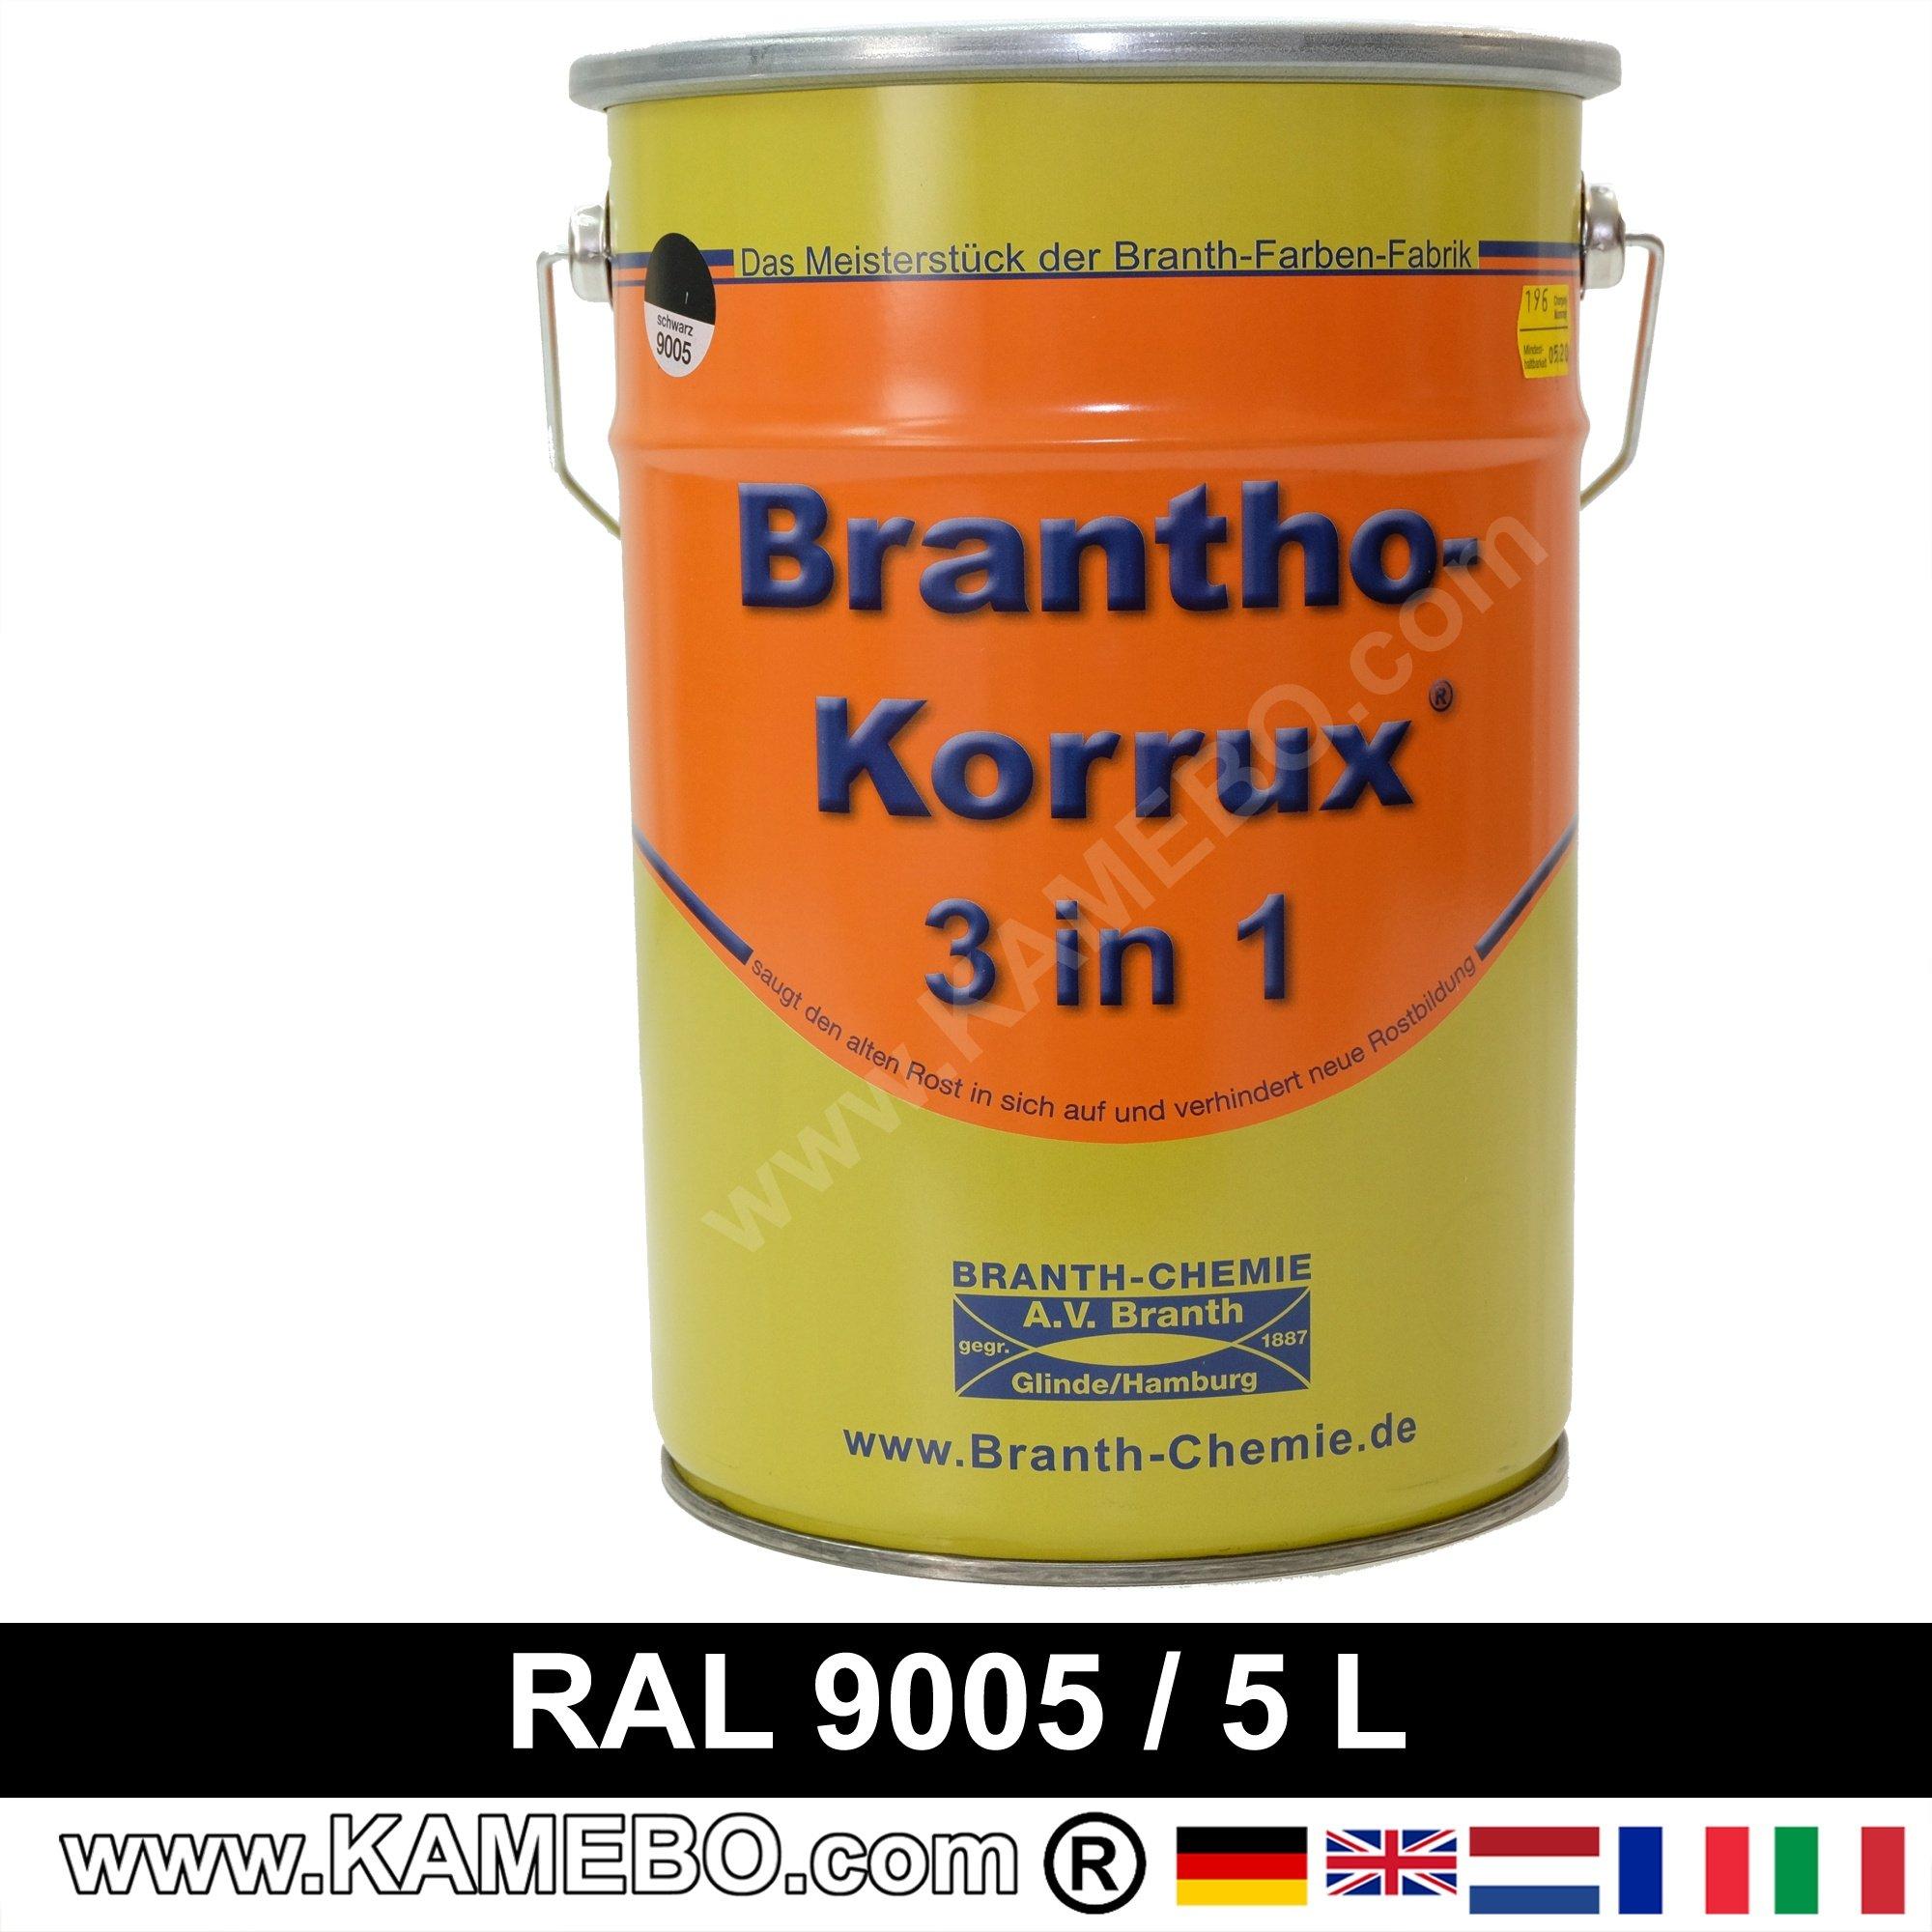 brantho korrux 3in1 anti roest lakverf ral 9005 zwart 5 liters. Black Bedroom Furniture Sets. Home Design Ideas